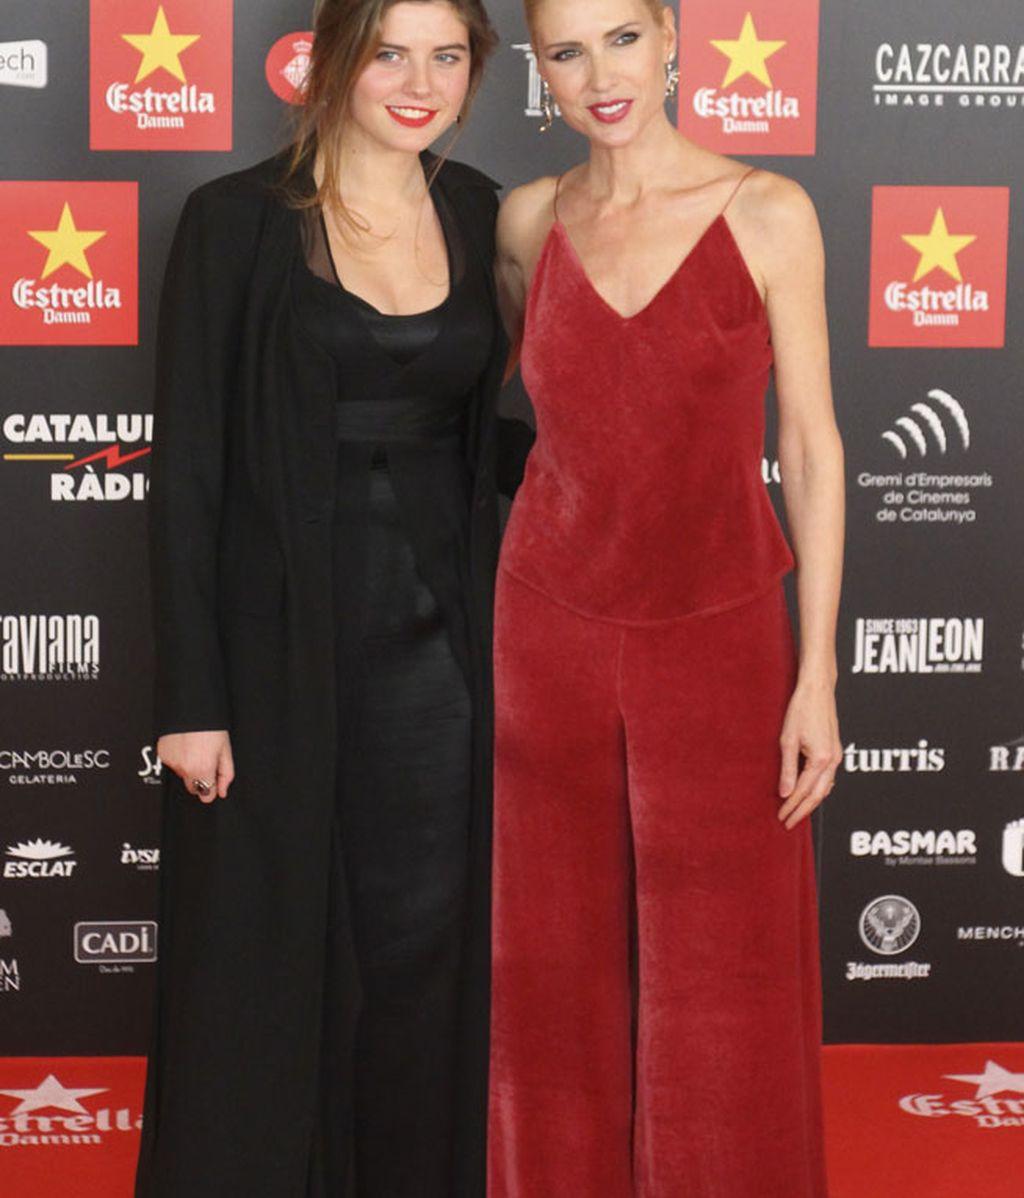 Ha sido la IX edición de la gran fiesta del cine catalán